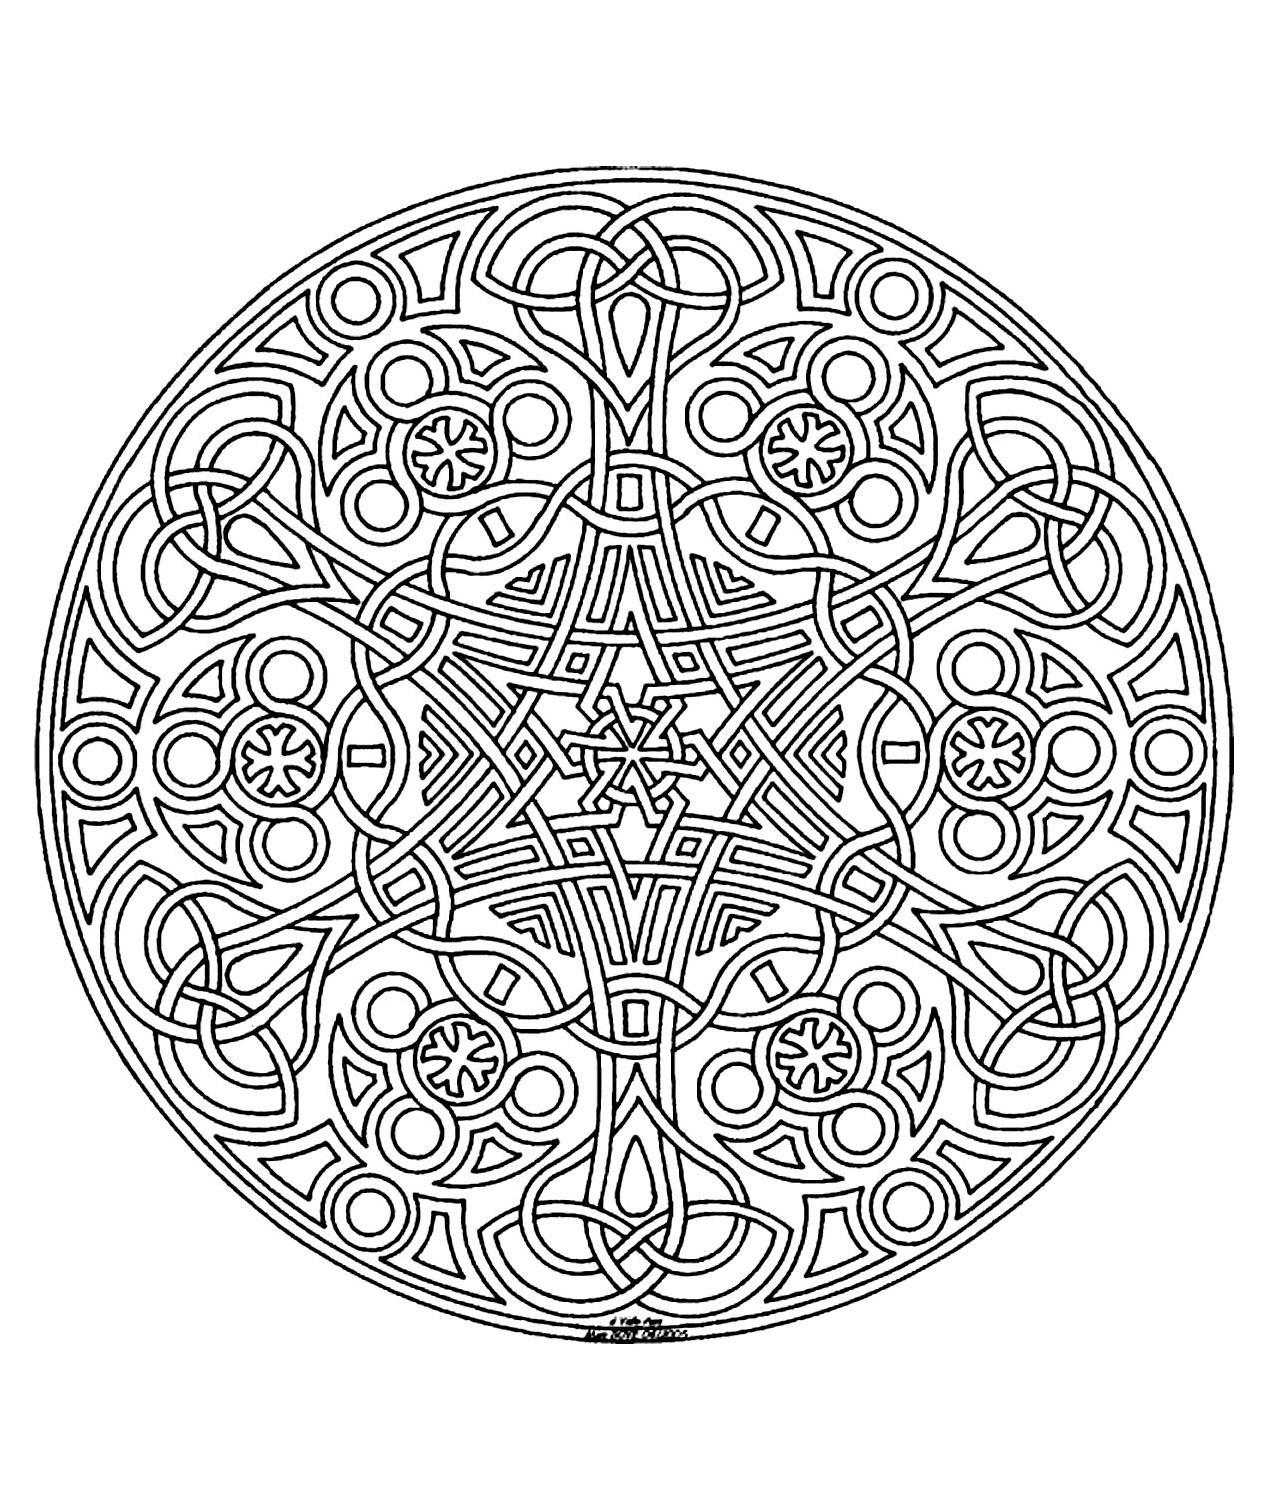 Mandala a colorier zen relax gratuit 7 mandalas zen - Coloriage minutieux ...